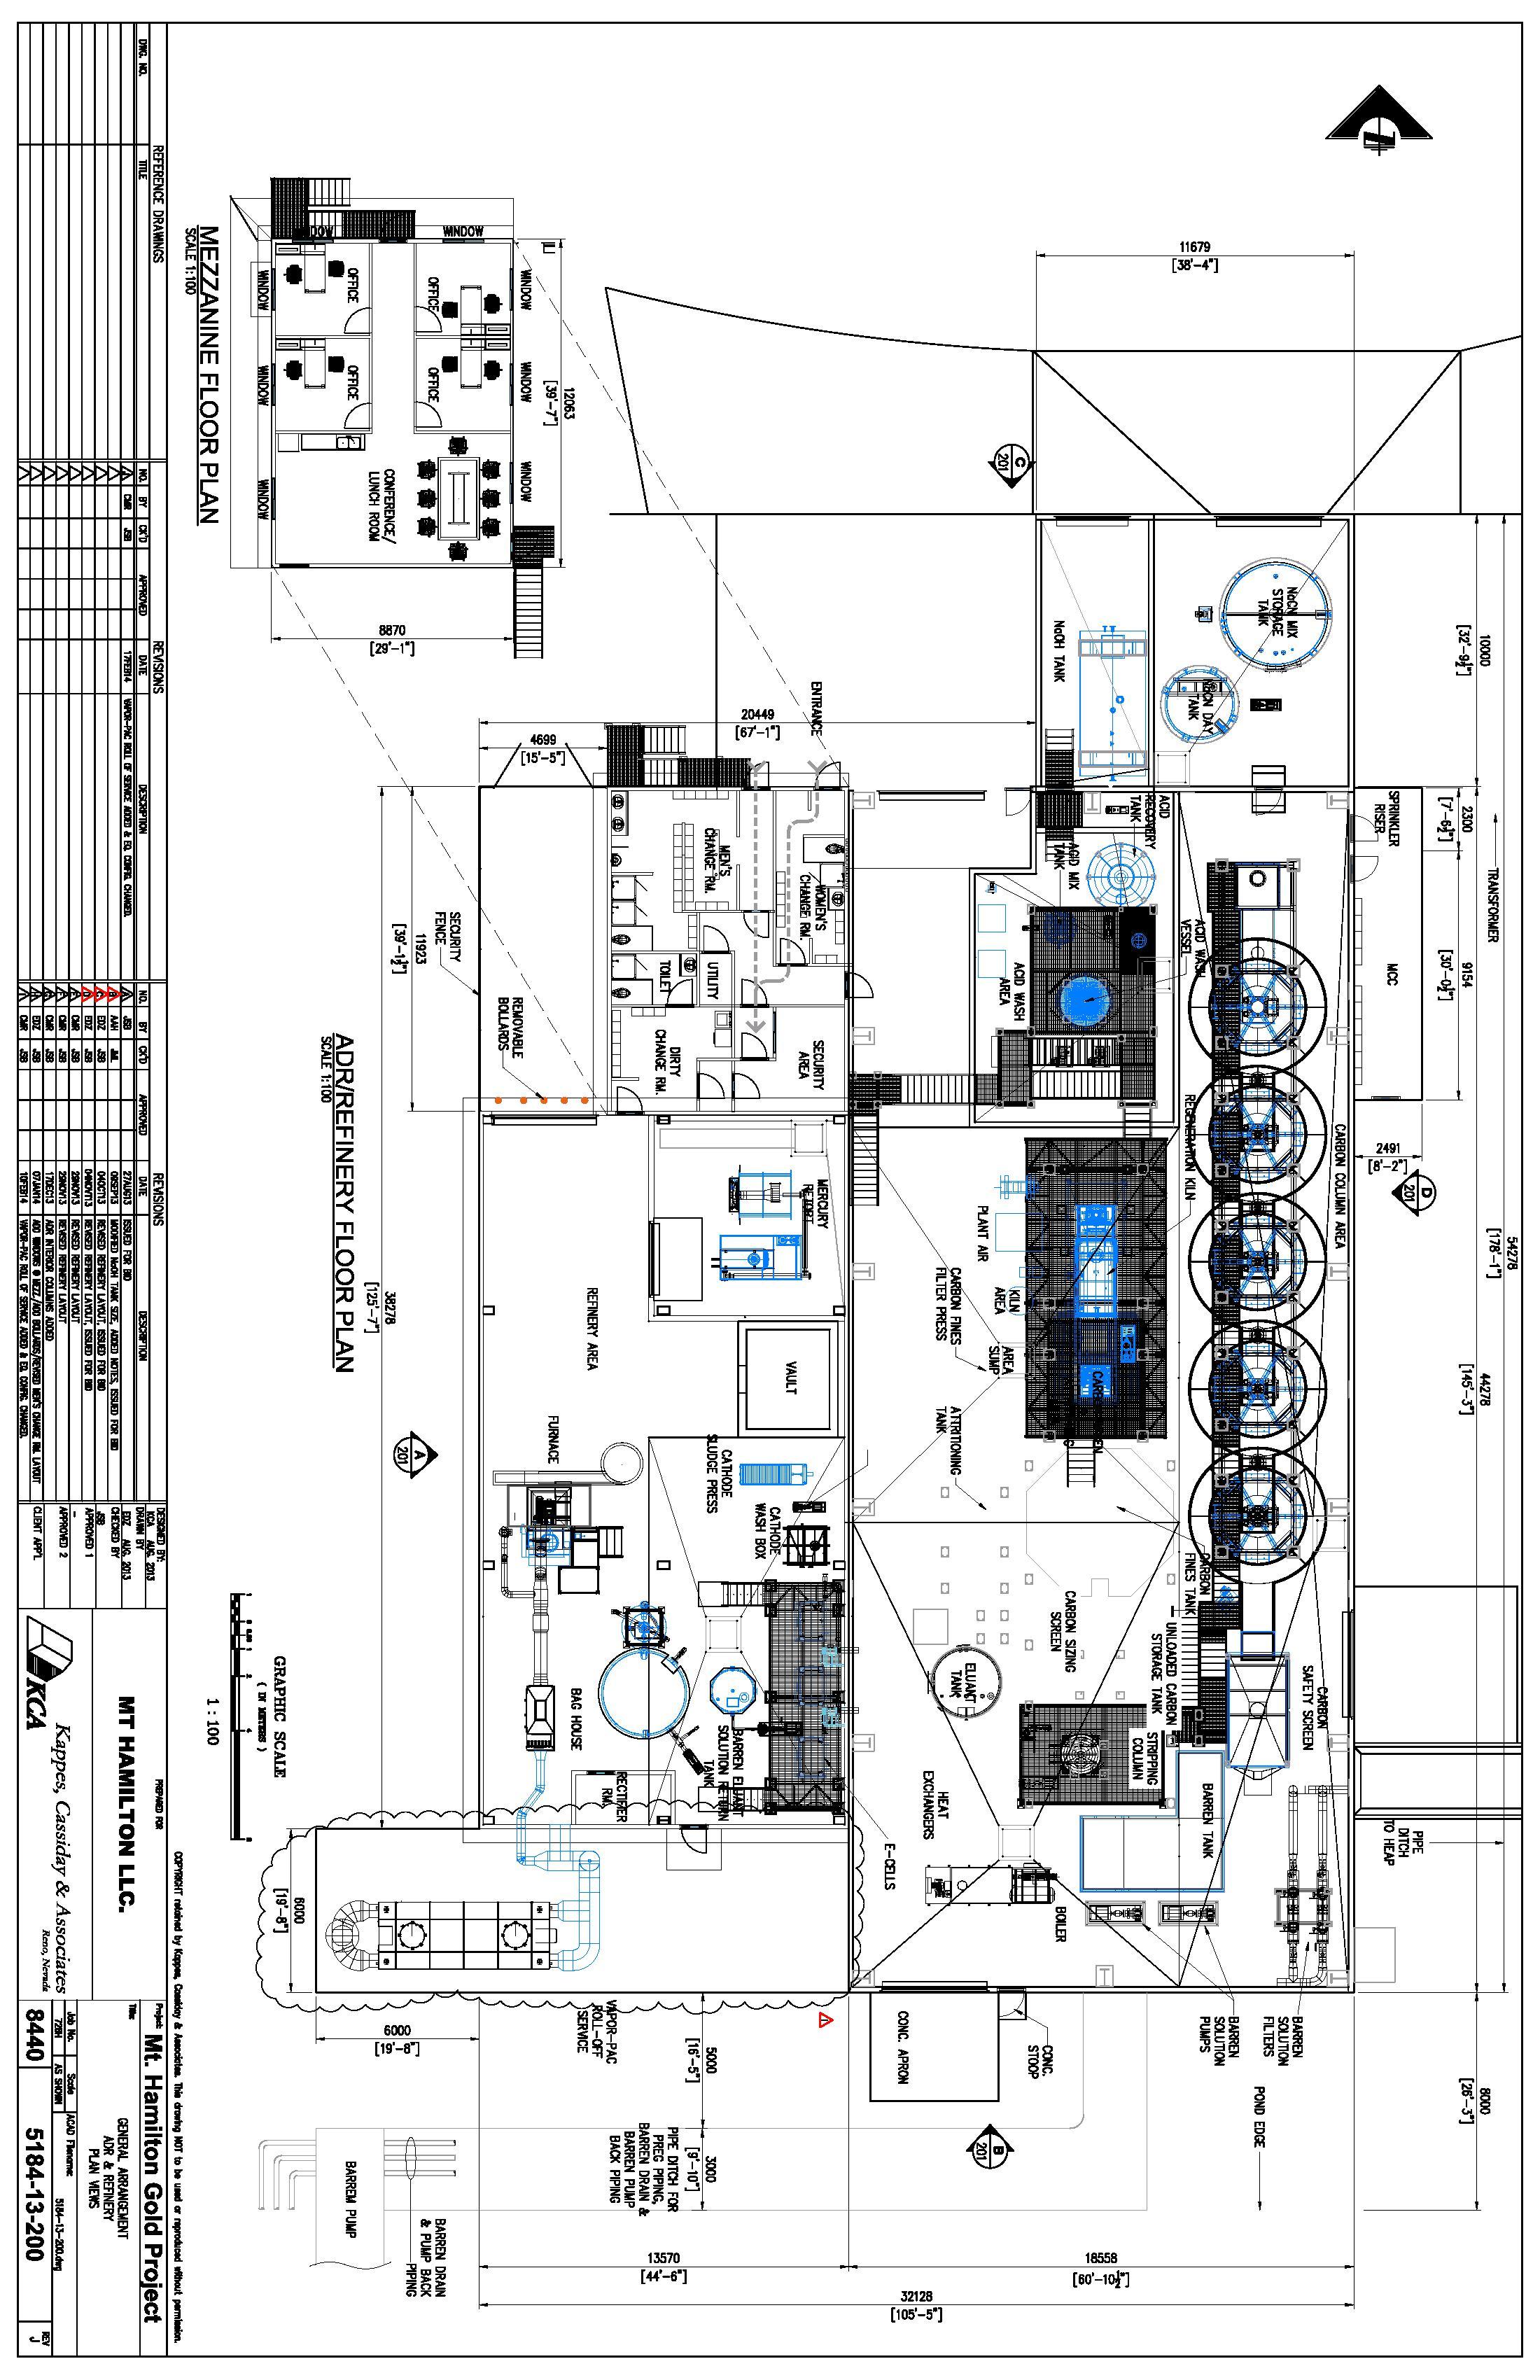 xr50r wiring diagram